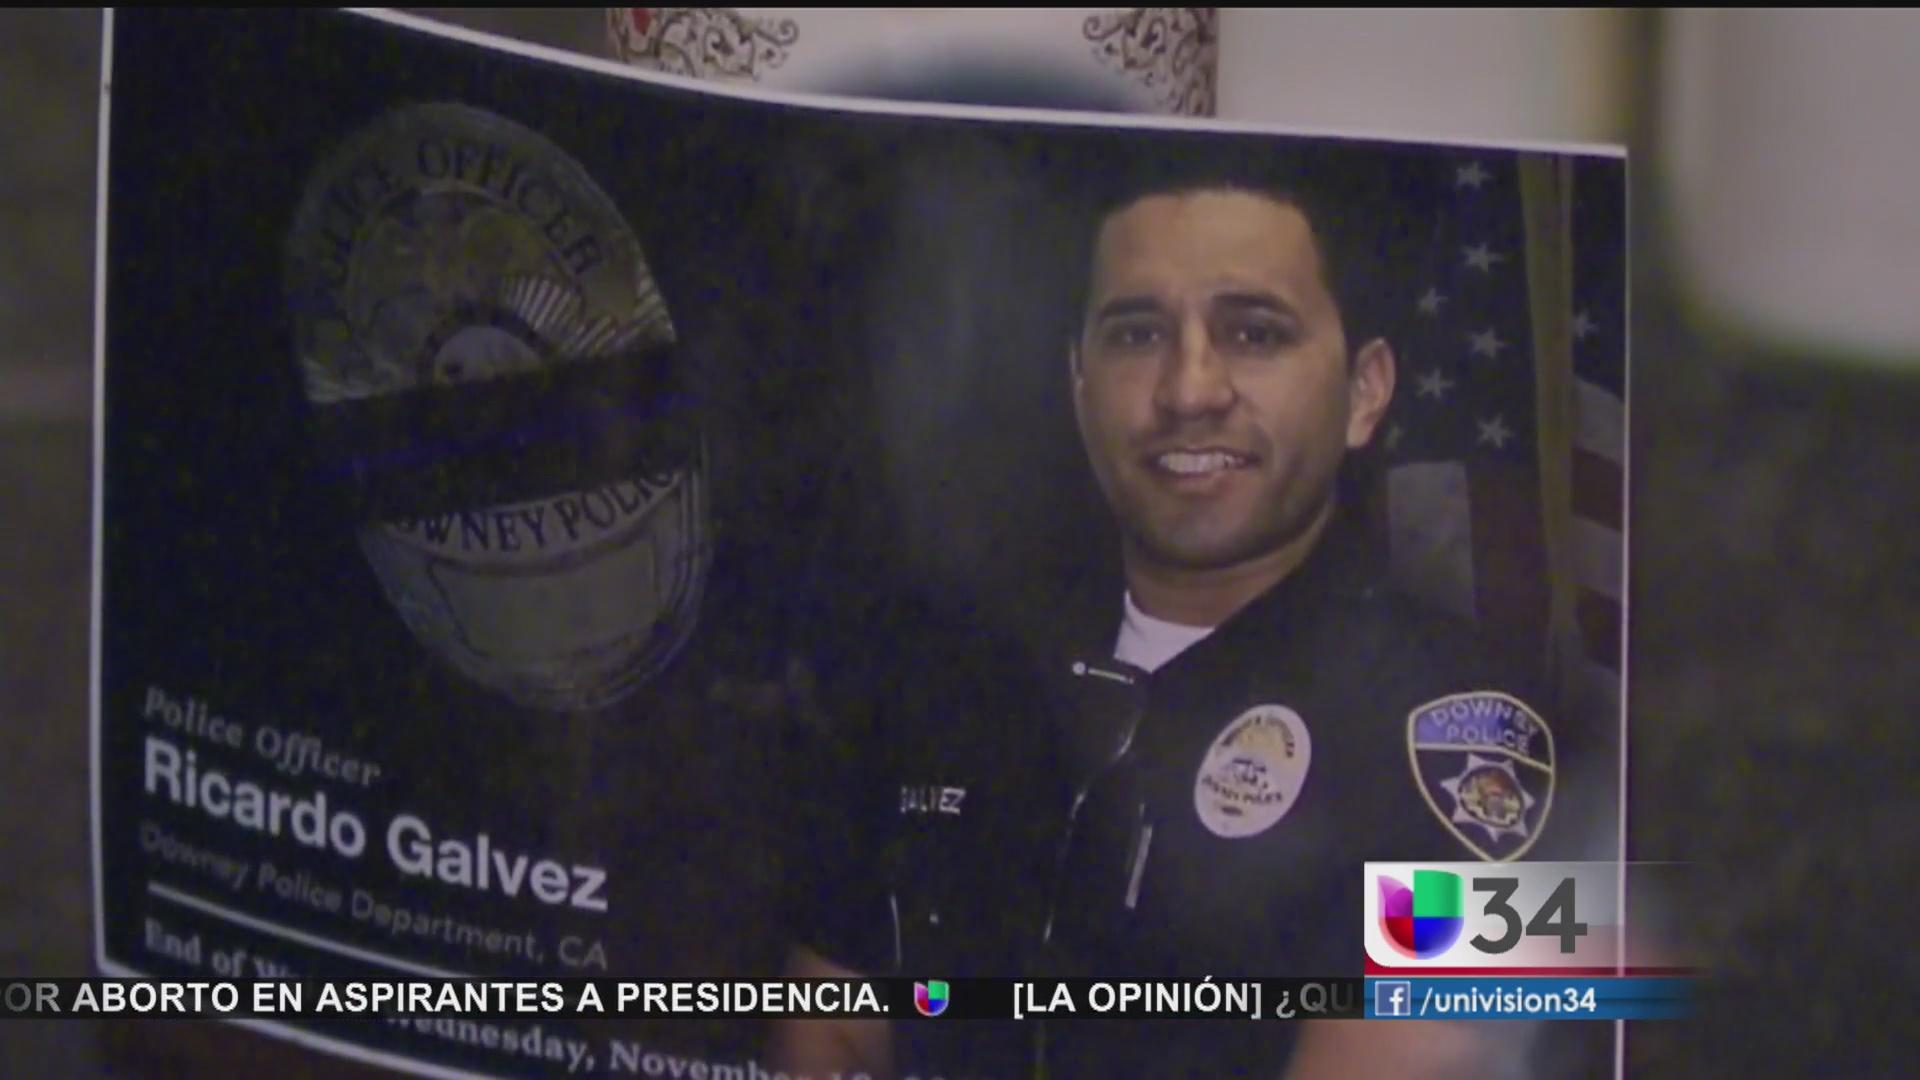 Comunidad conmemoró al policía Ricardo Gálvez